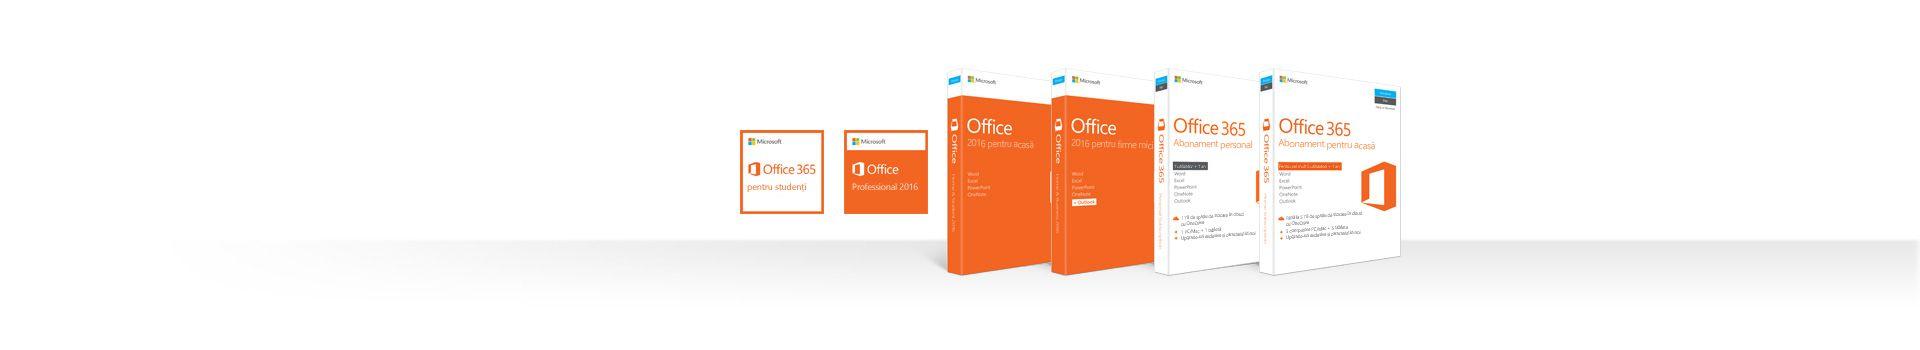 Un rând de cutii care reprezintă abonamente Office și produse independente pentru PC